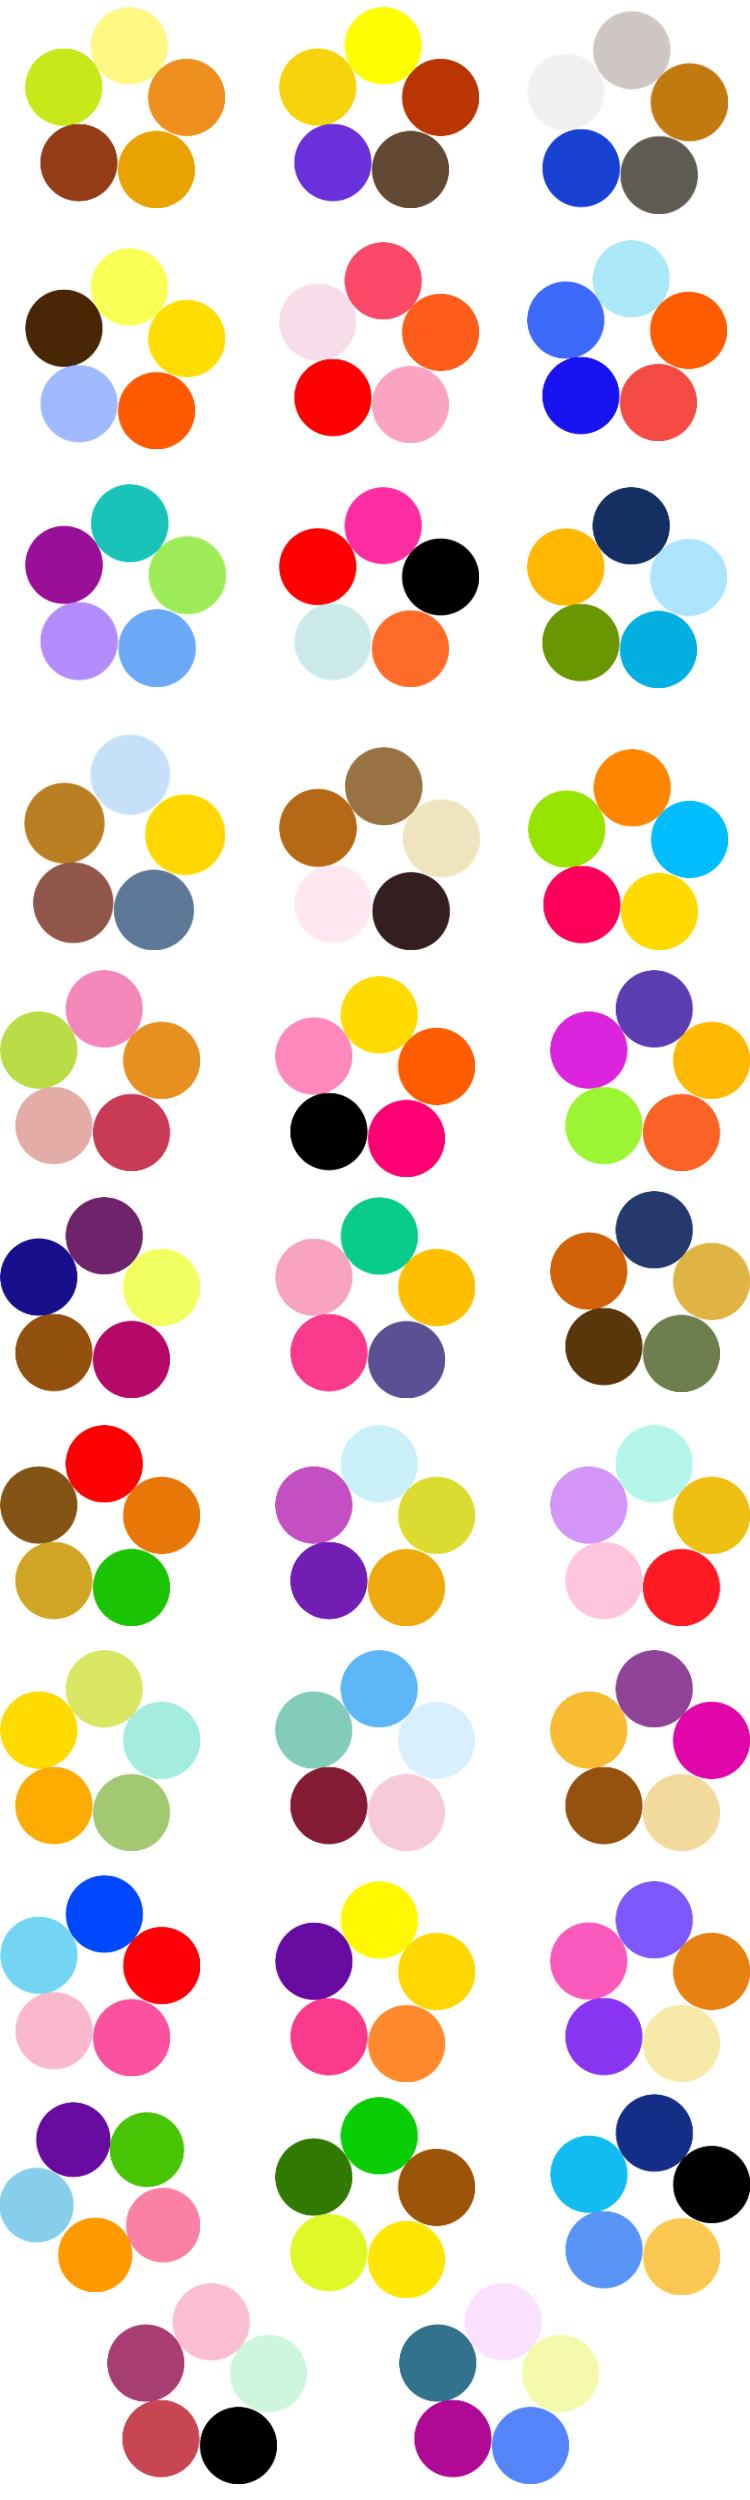 Цветовой Круг Иттена для создания гармоничных цветовых комбинаций, фото № 10